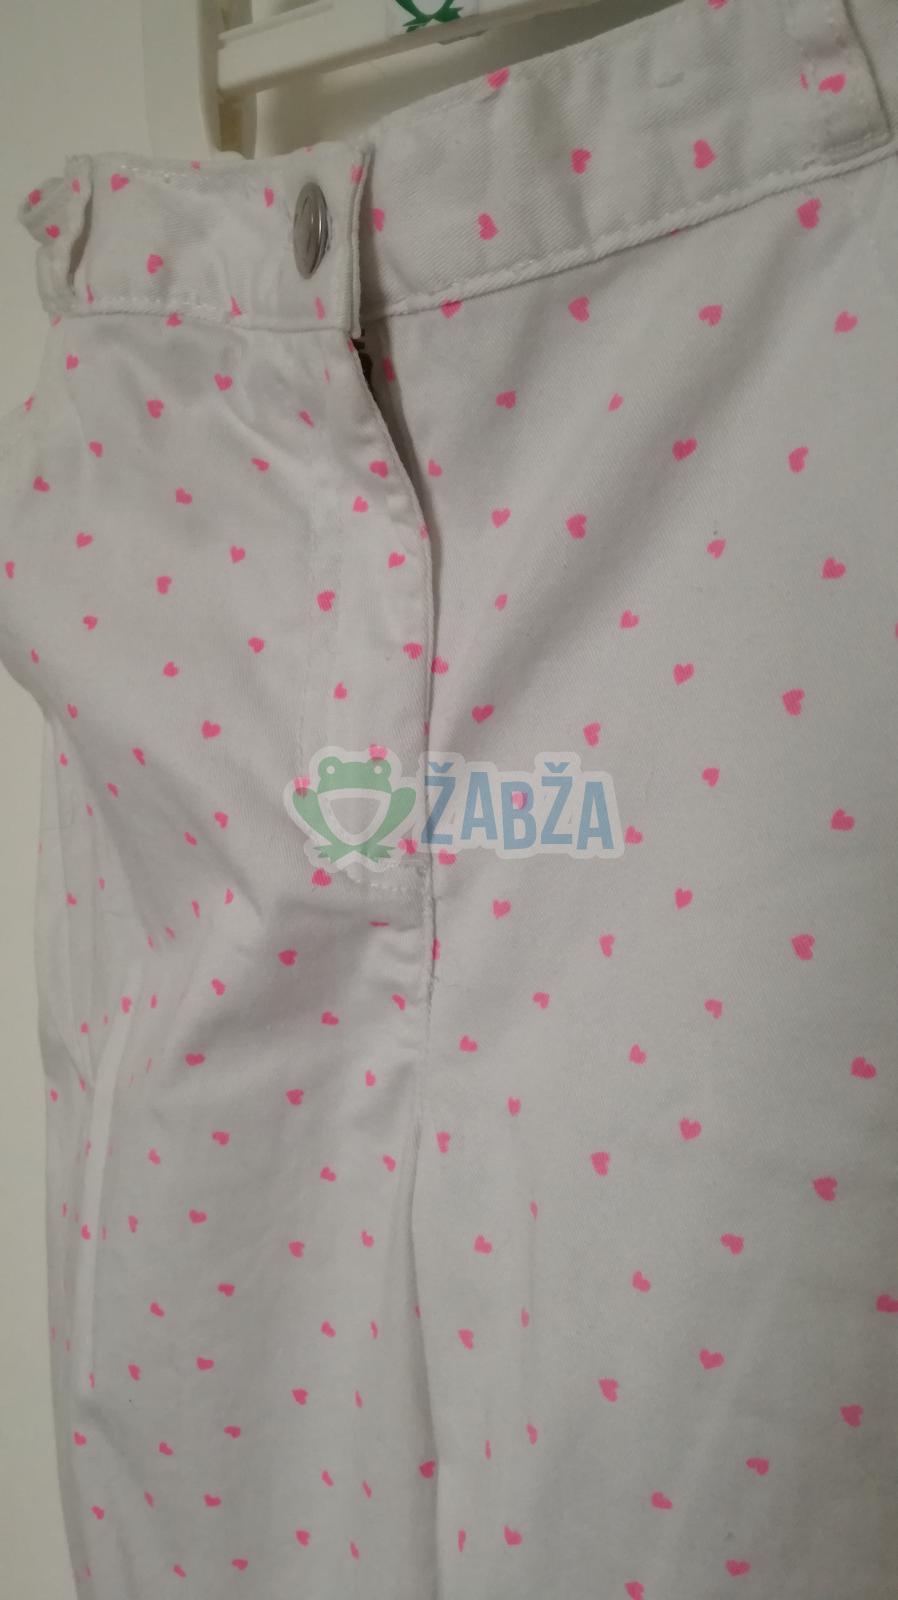 Bílé kalhoty s růžovými srdíčky